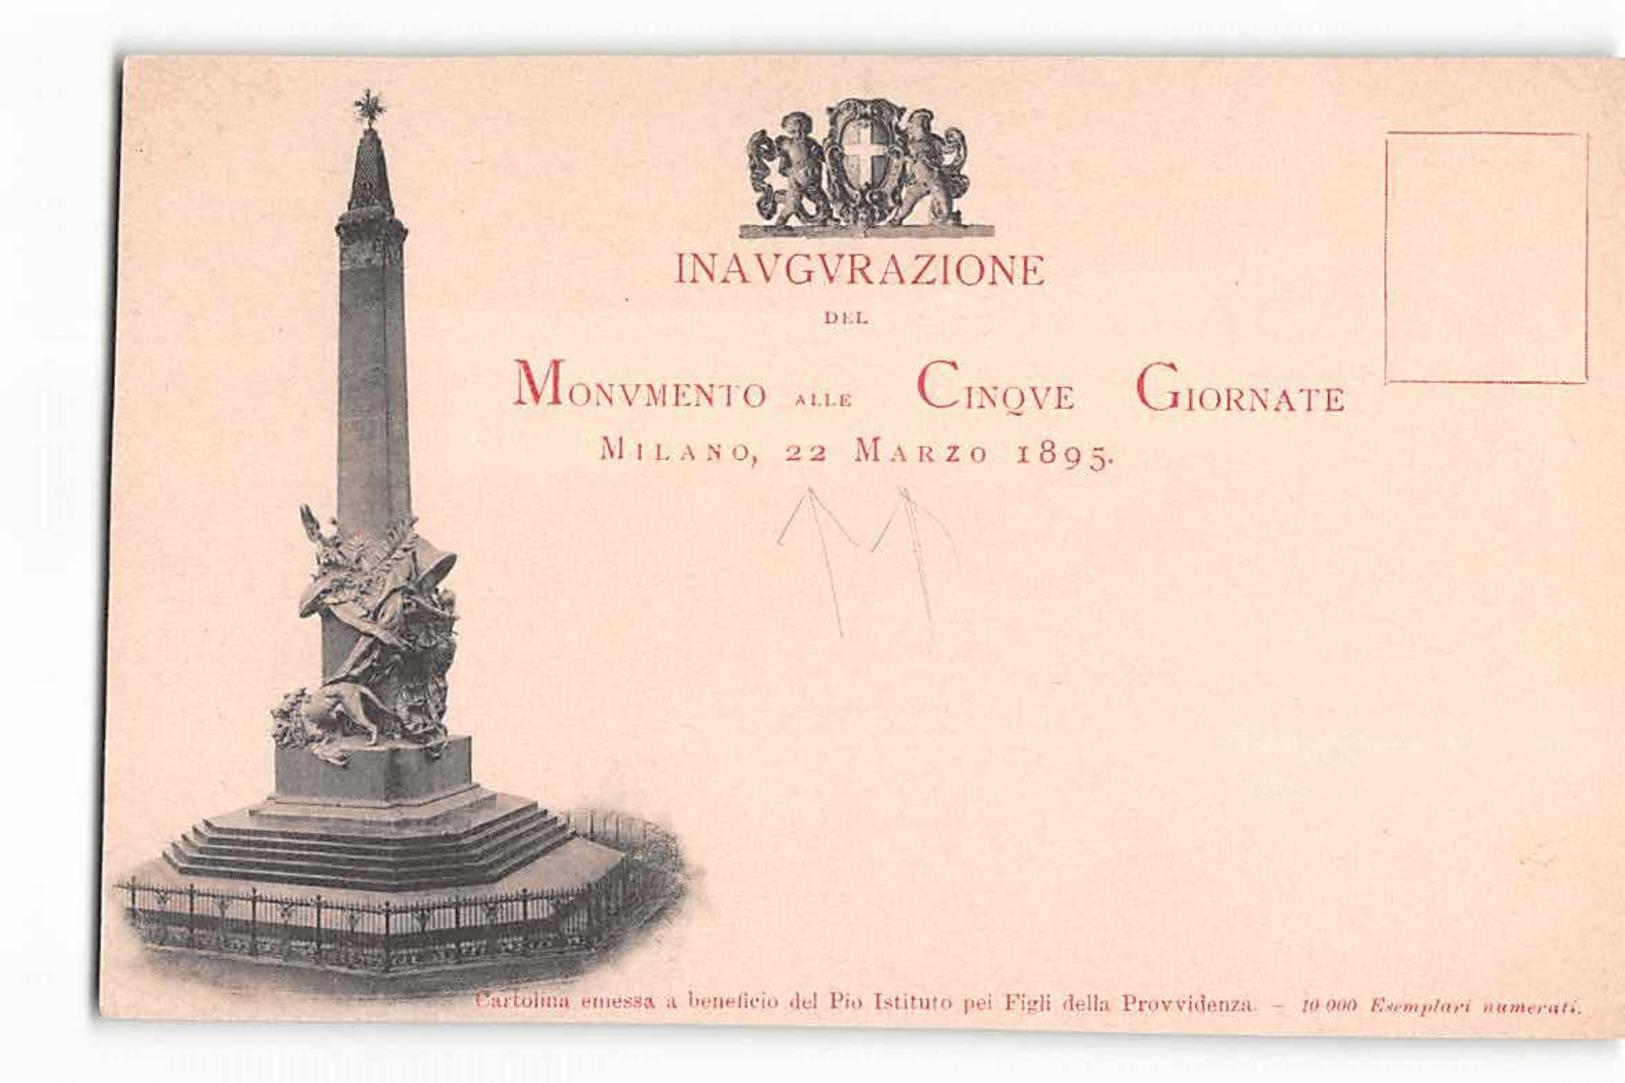 16008 01  INAUGURAZIONE DEL MONUMENTO ALLE CINQUE GIORNATE MILANO 1895 - SAGGIO - Monuments Aux Morts